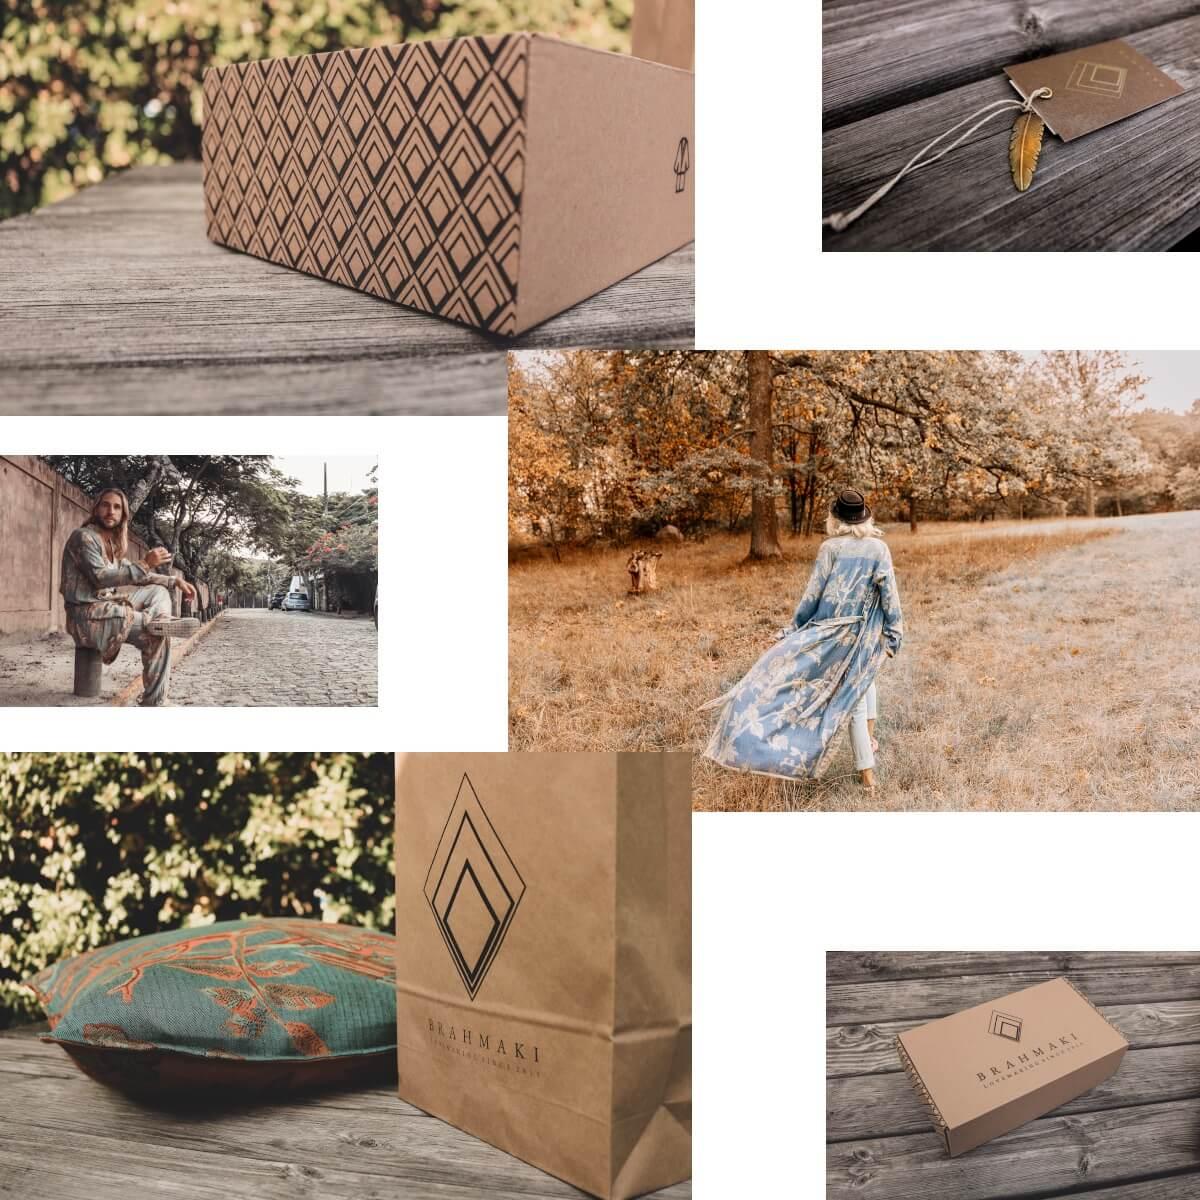 Eine Bilder Collage mit Brahmaki Models und Produkten.